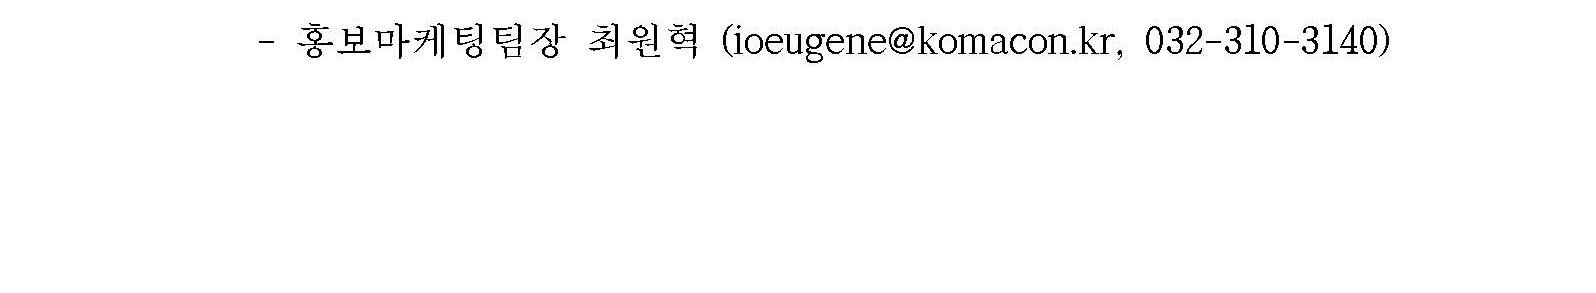 고등부 최종결과 공고문_페이지_3.jpg